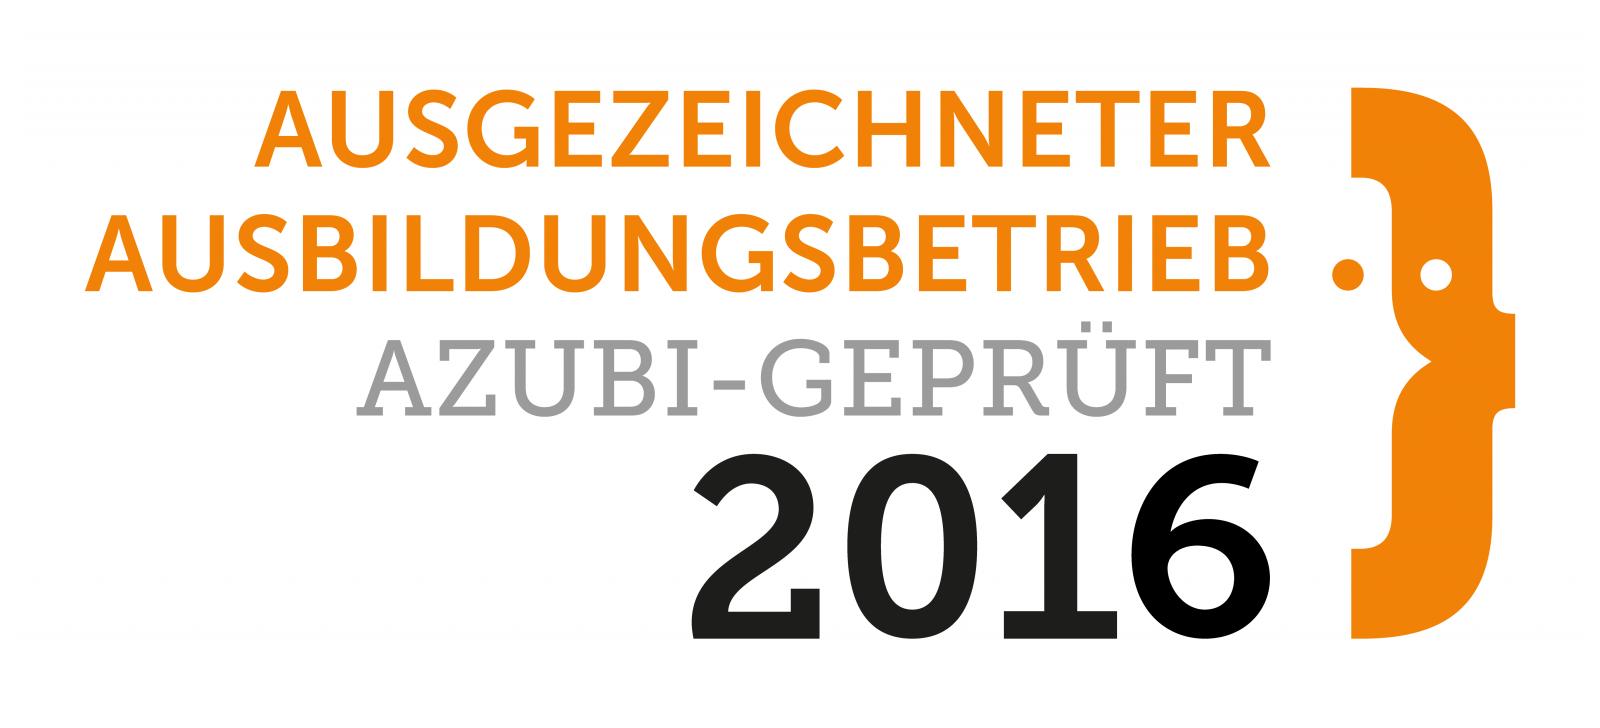 Ausgezeichneter Ausbildungsbetrieb 2016 - Auszeichnung